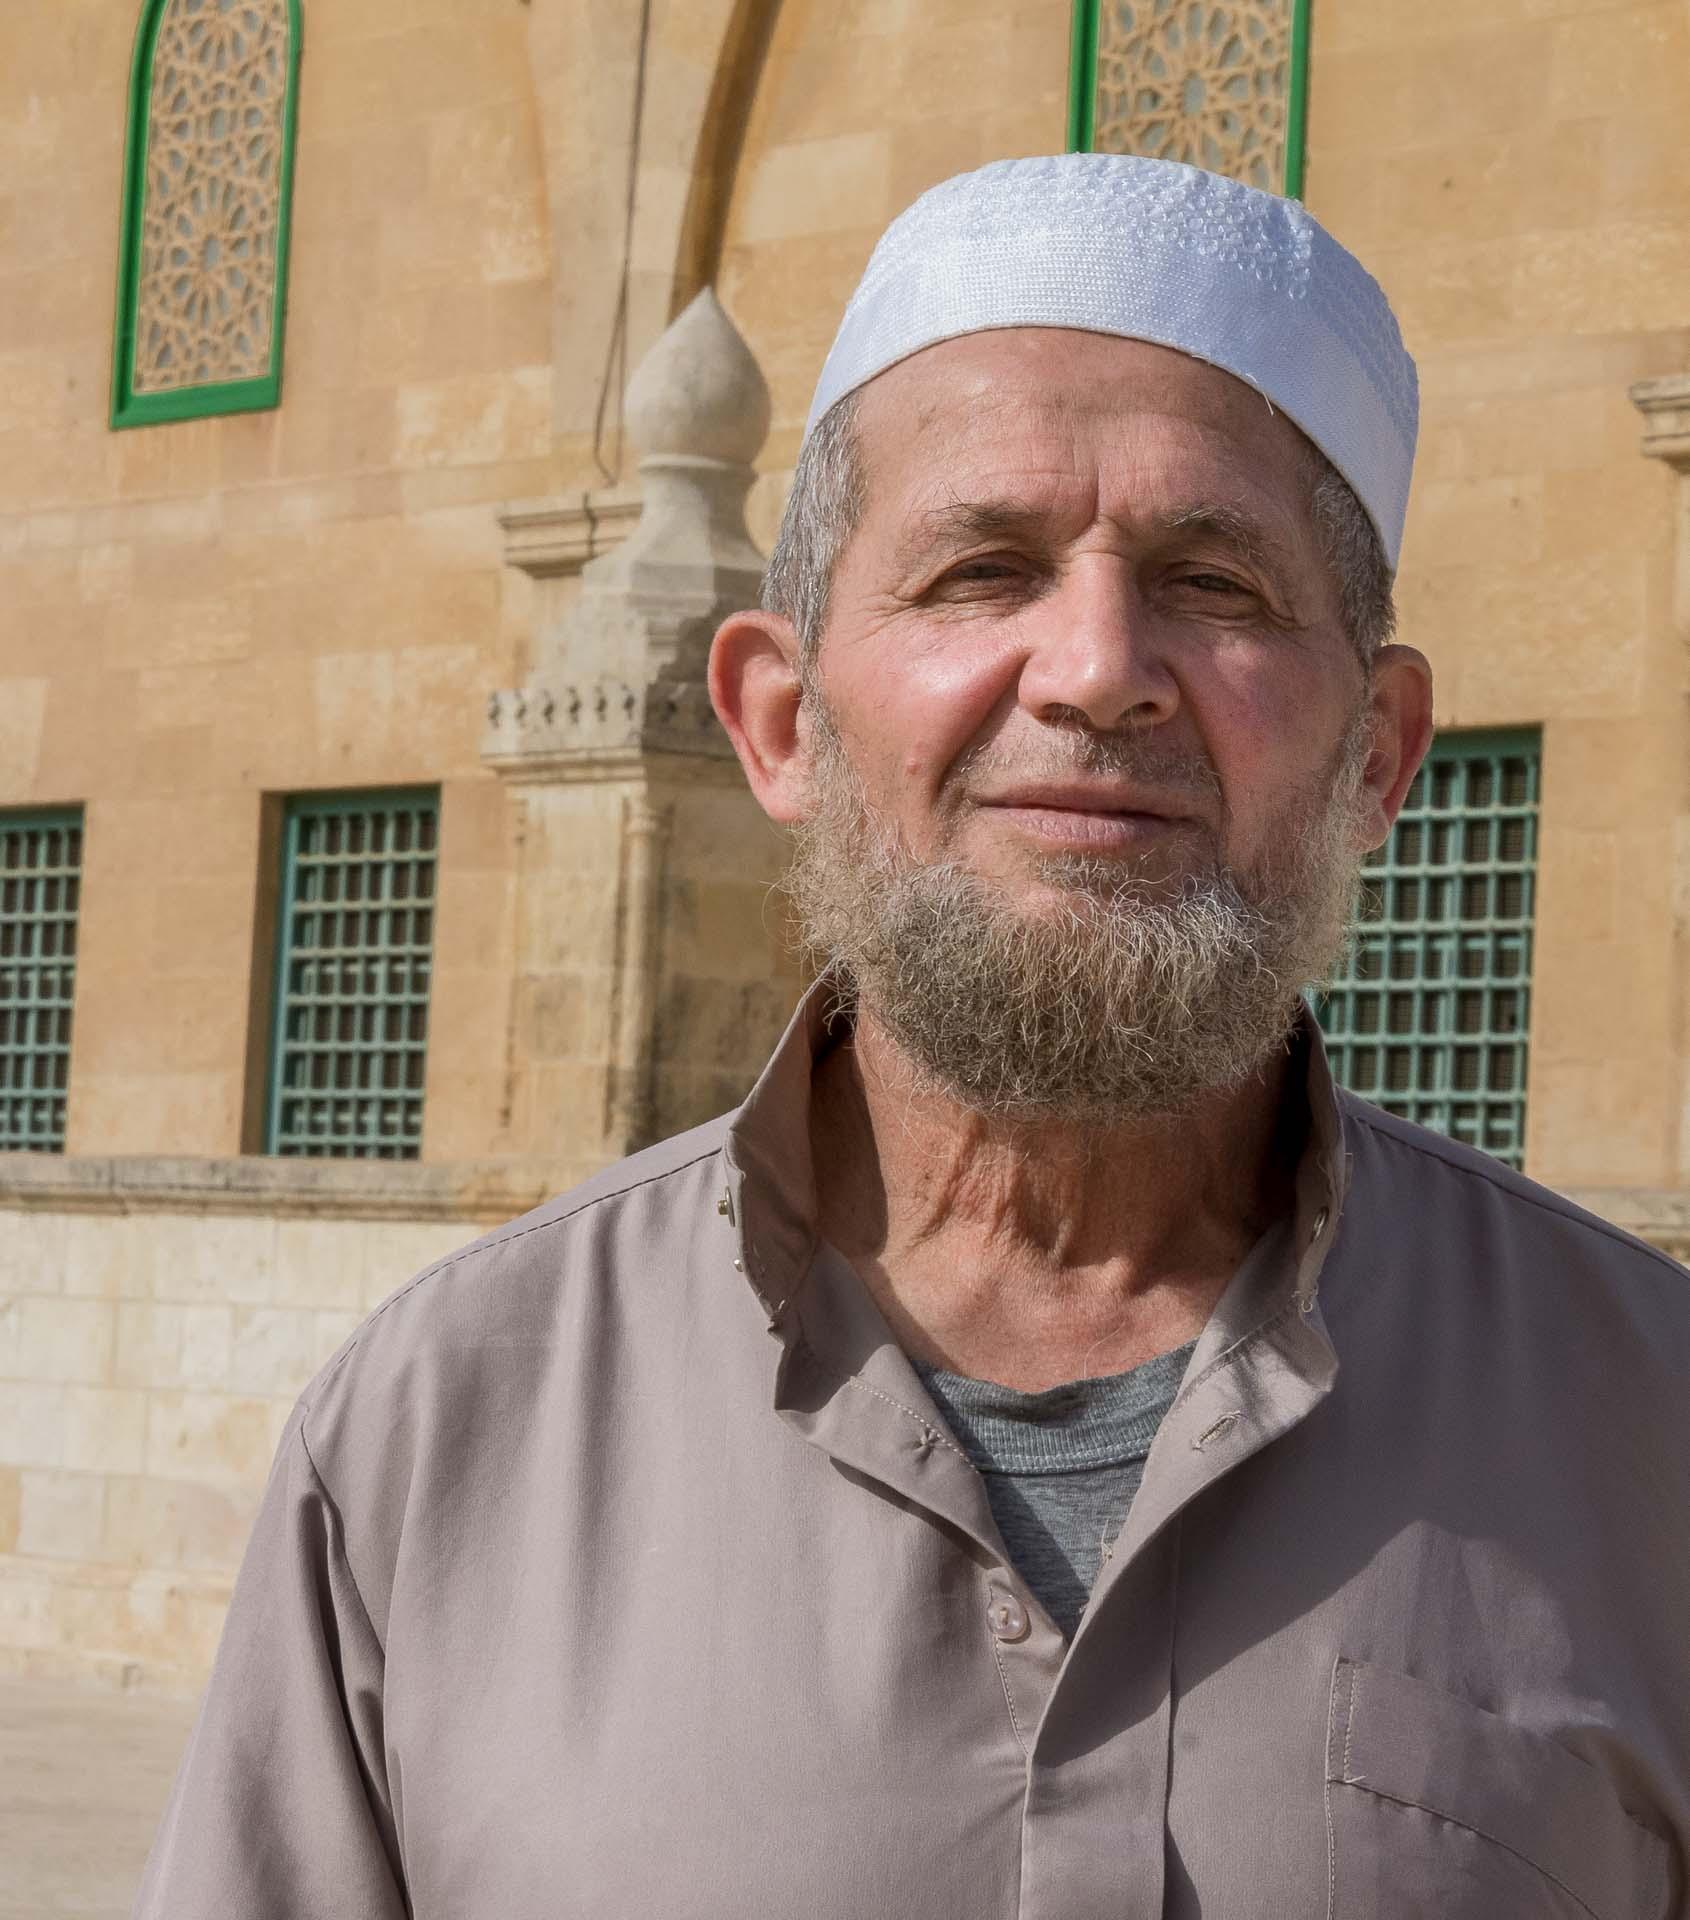 Palestinian Man, Jerusalem